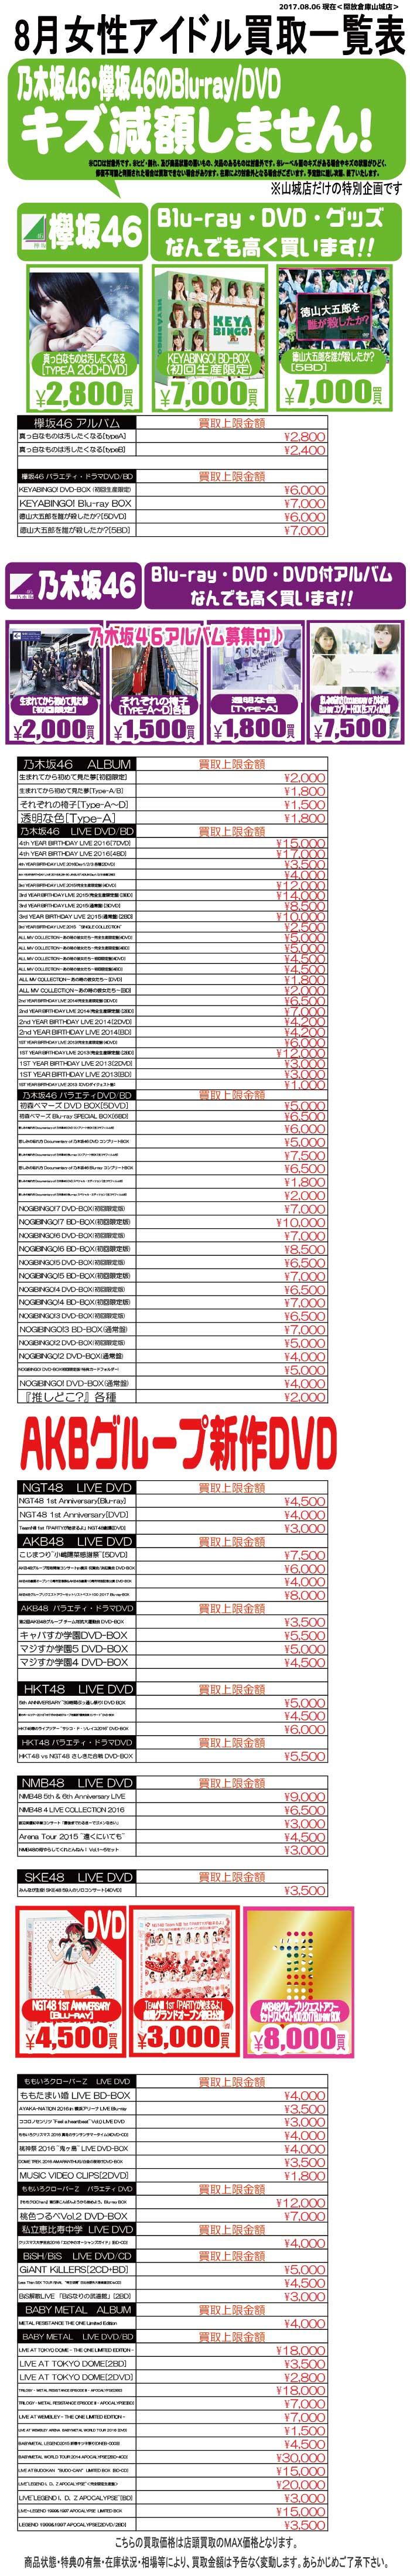 「開放倉庫山城店」2017.08.06現在<8月女性アイドル買取一覧表>更新しました!